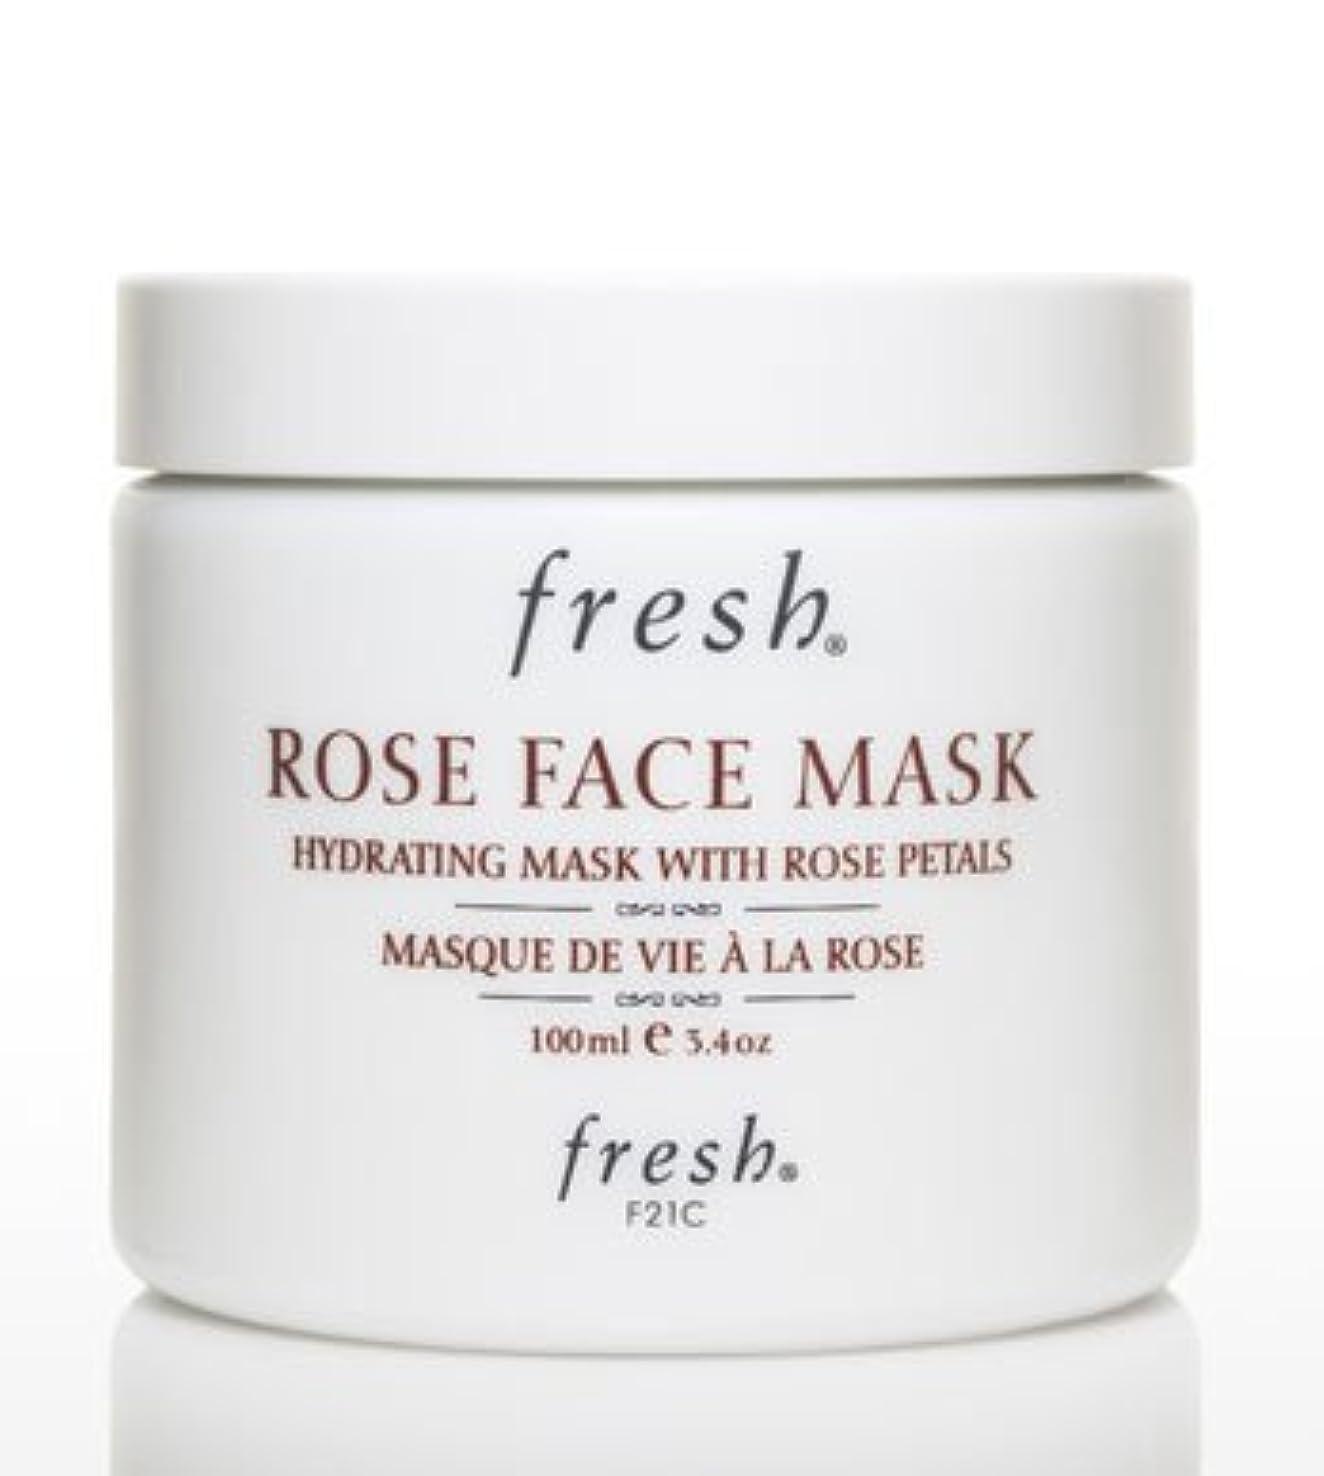 アロング代わりにを立てる組み合わせるFresh ROSE FACE MASK (フレッシュ ローズフェイスマスク) 3.4 oz (100g) by Fresh for Women